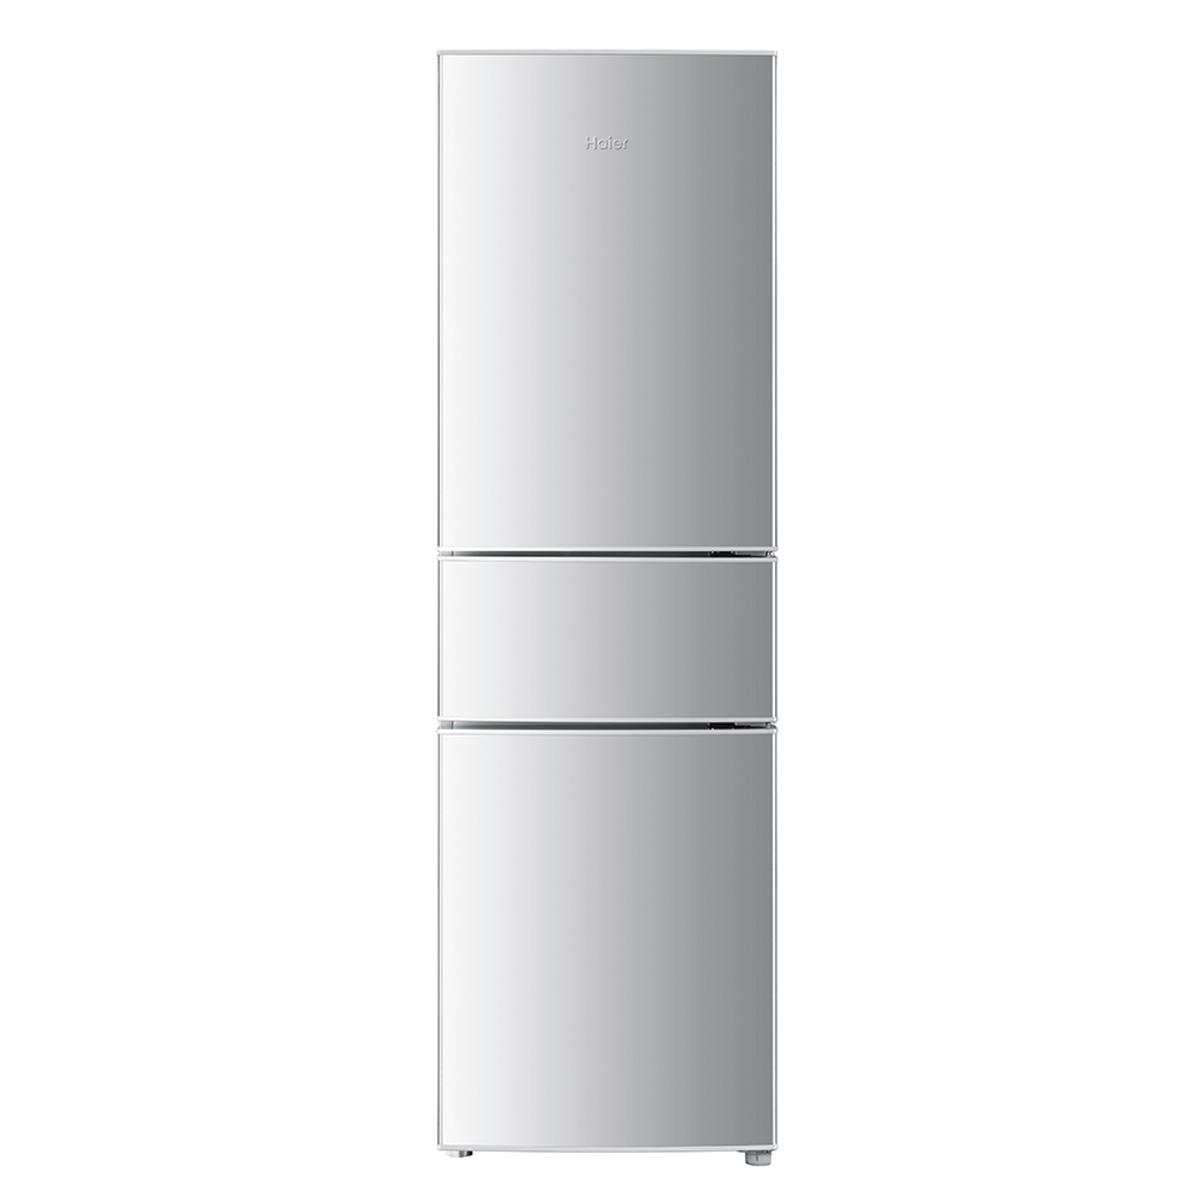 海尔Haier冰箱 BCD-182STPA 说明书